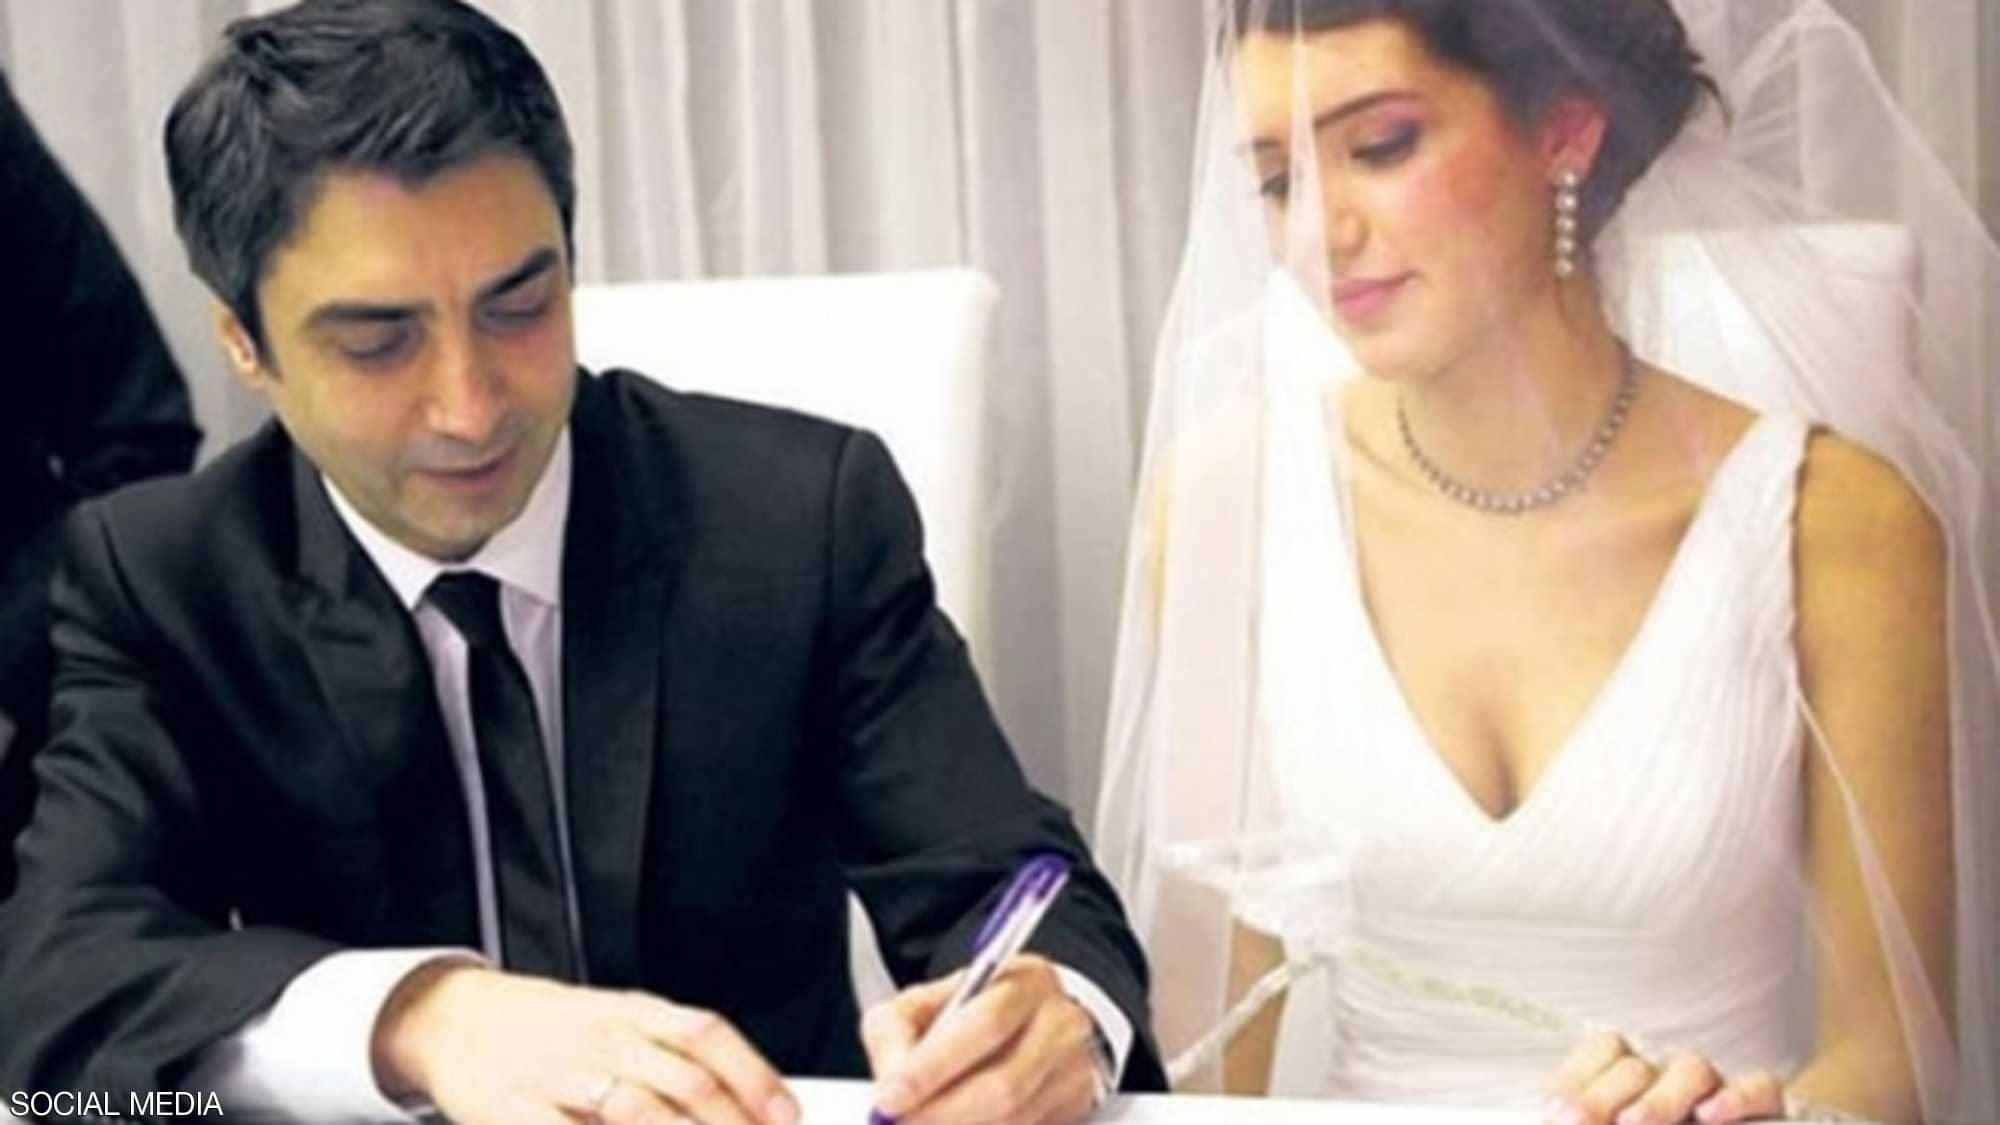 """ماهو الـ""""اخطأ افادح"""" الذي جعل """"مراد علم دار"""" يطلّق زوجته"""